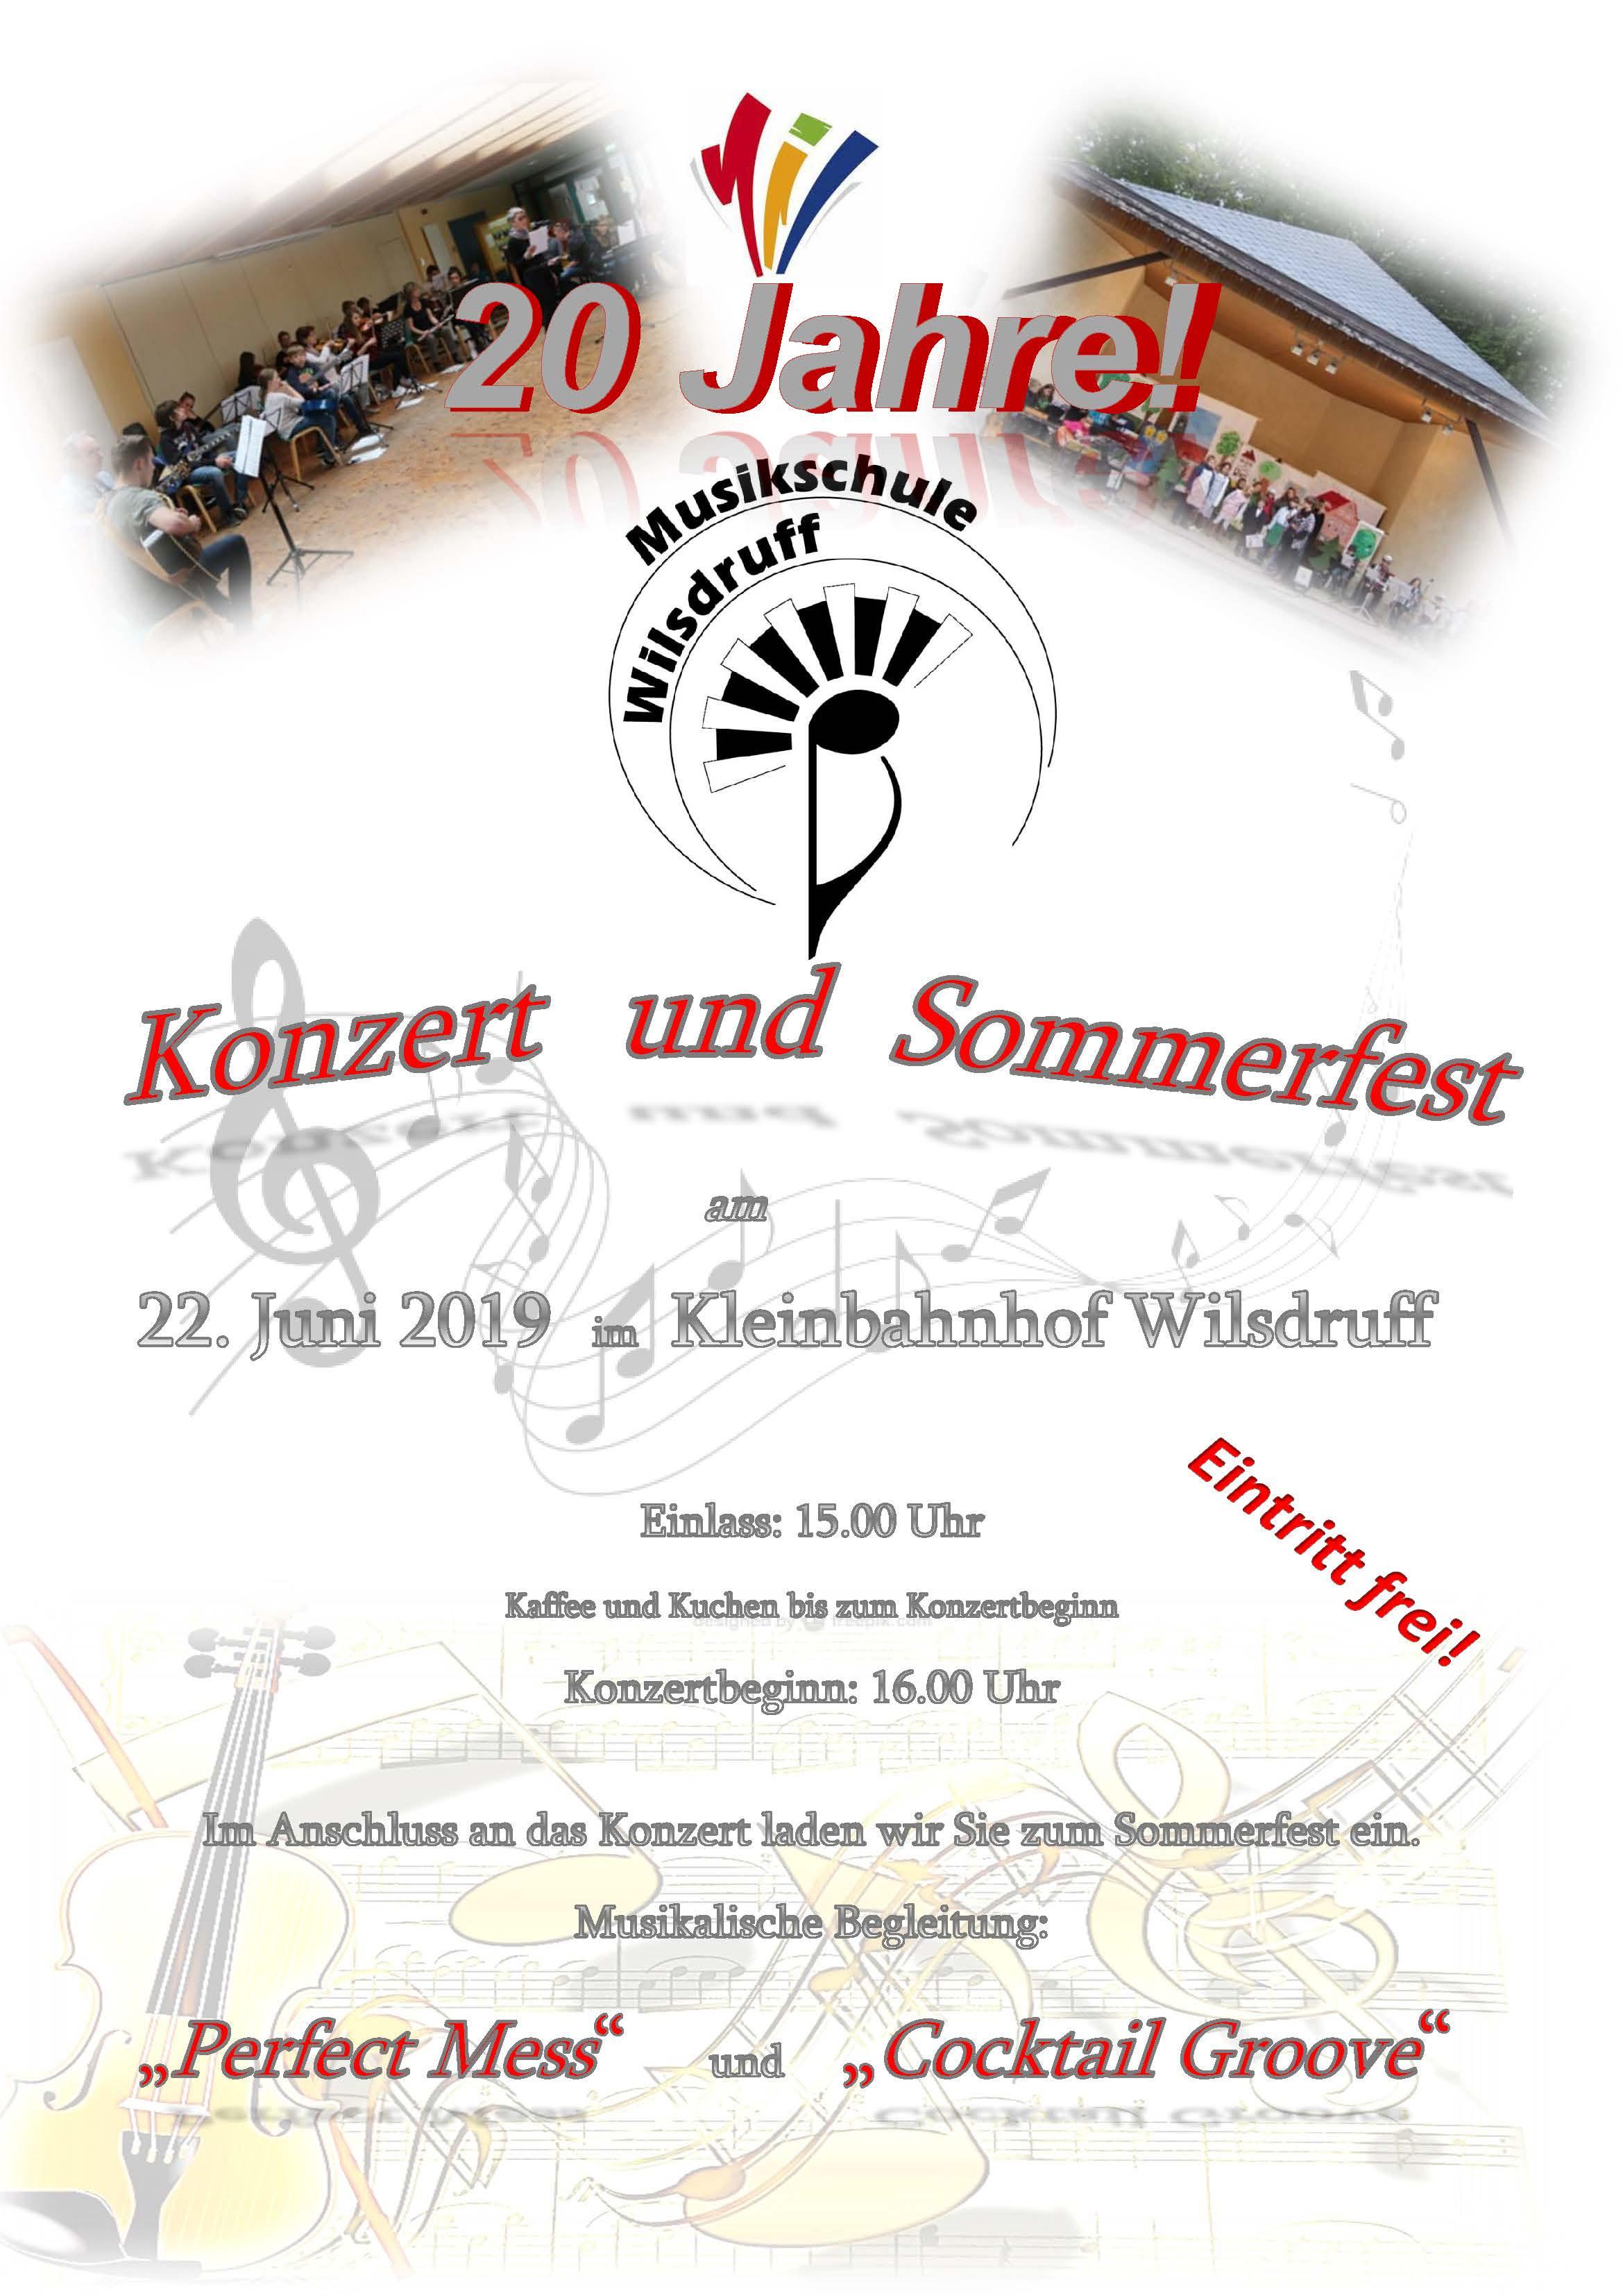 2019-06-22_20 Jahre Musikschule.jpg